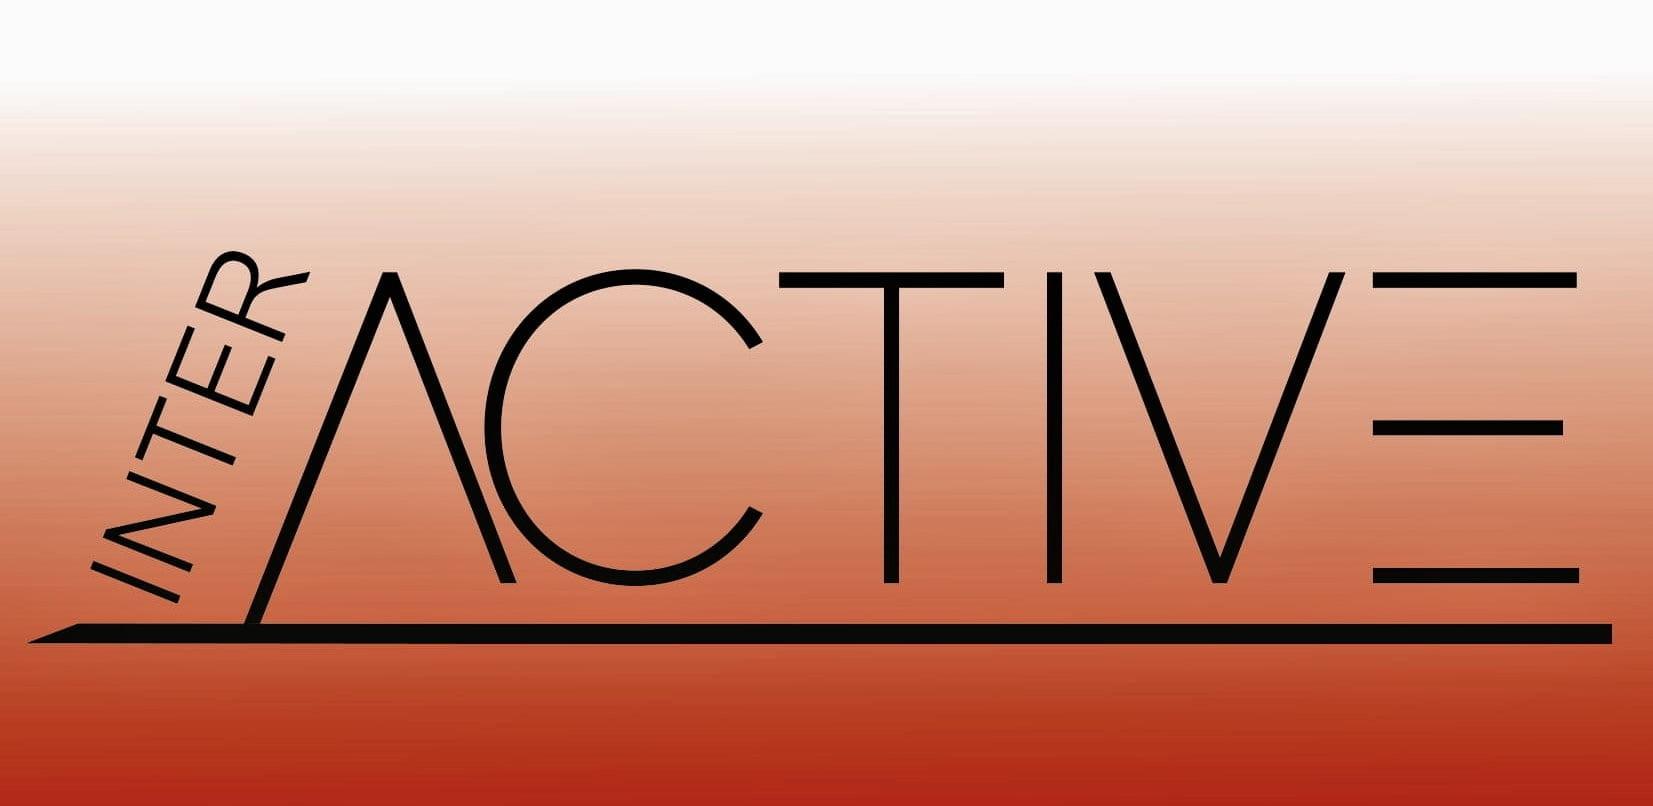 logotyp 1 2 INTERACTIVE - tłumaczymy w 100 językach świata